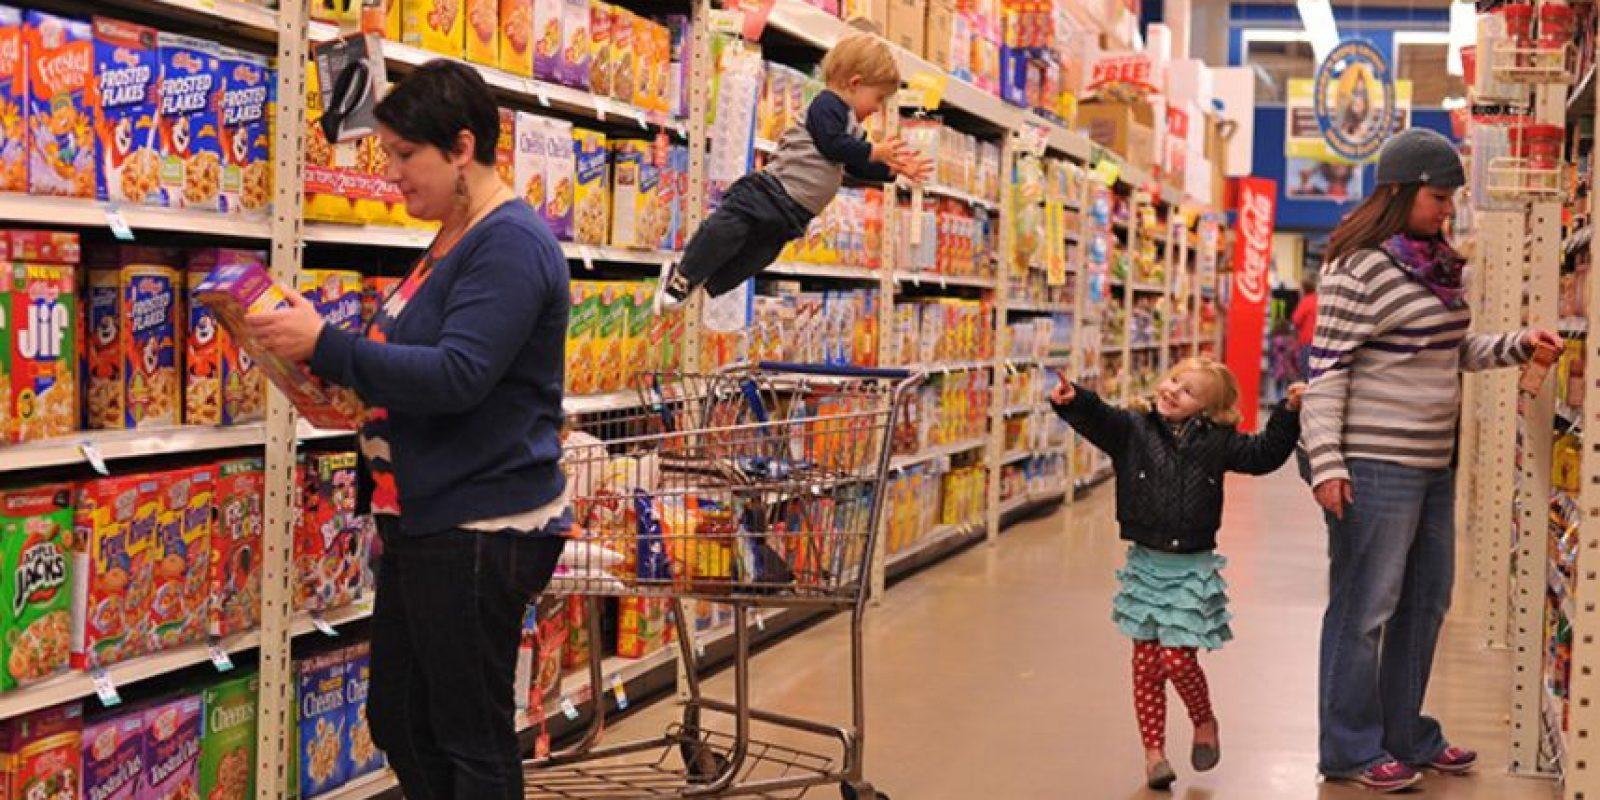 Sin embargo, eso no le ha impedido volar. Foto:Vía thatdadblog.com